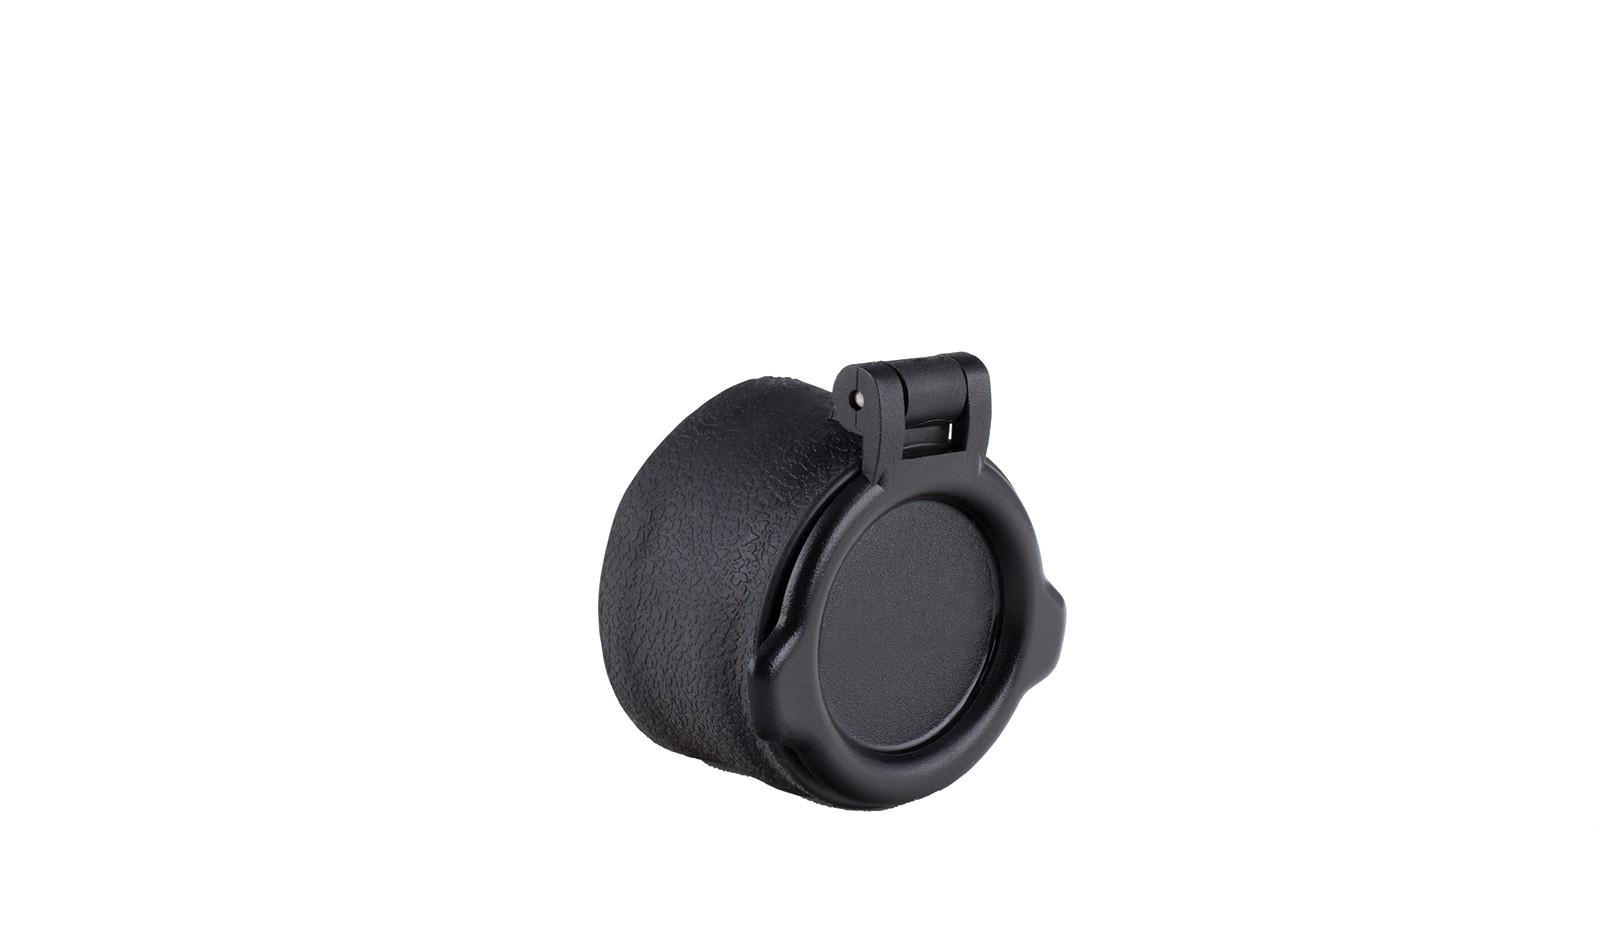 4x32 ACOG® Objective Flip Cap